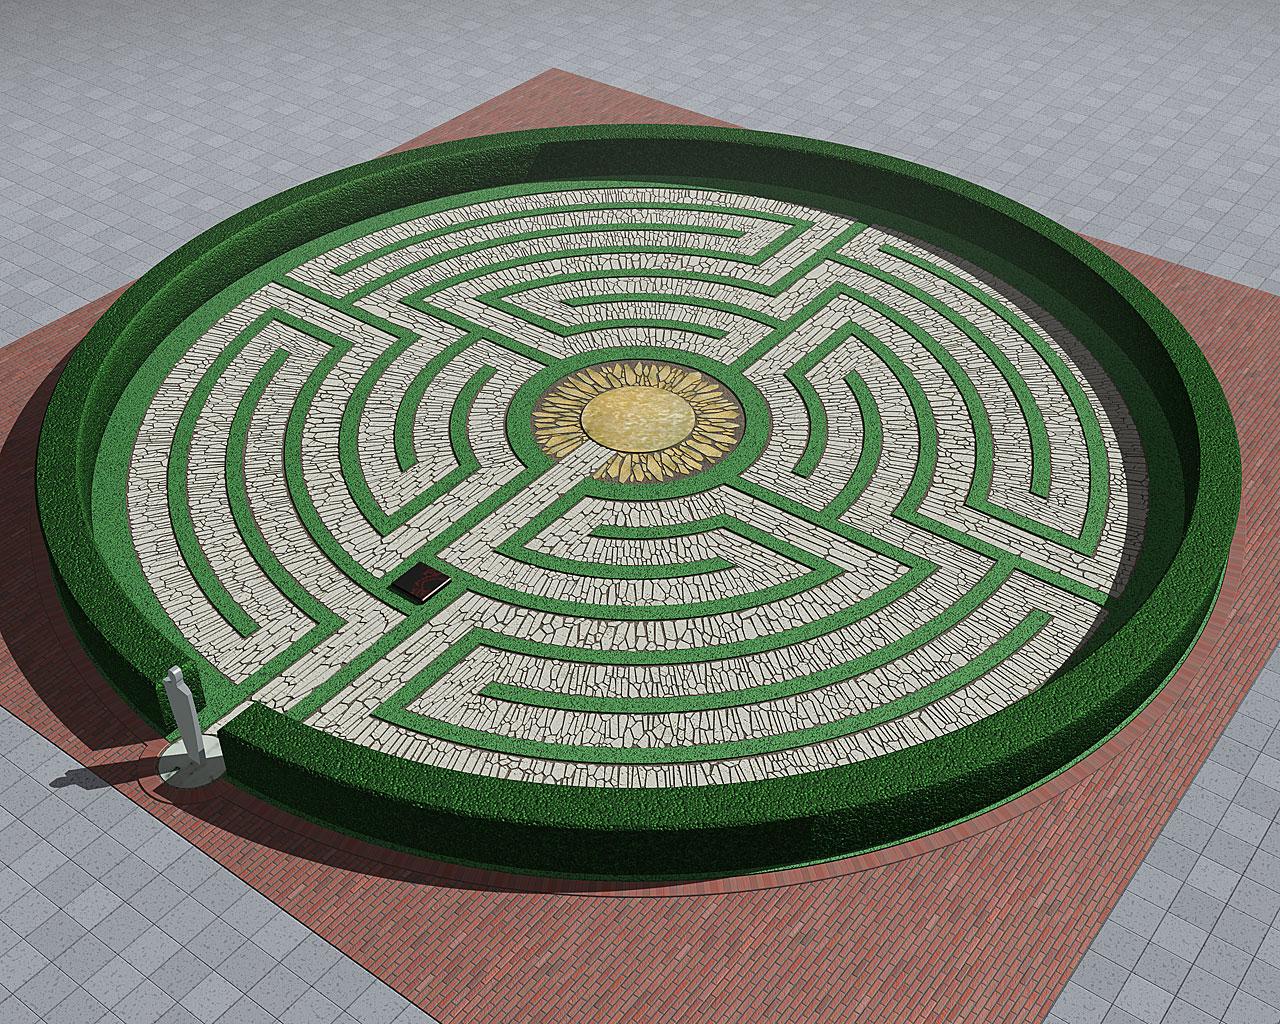 Labyrinth Garden By Urcan On Deviantart